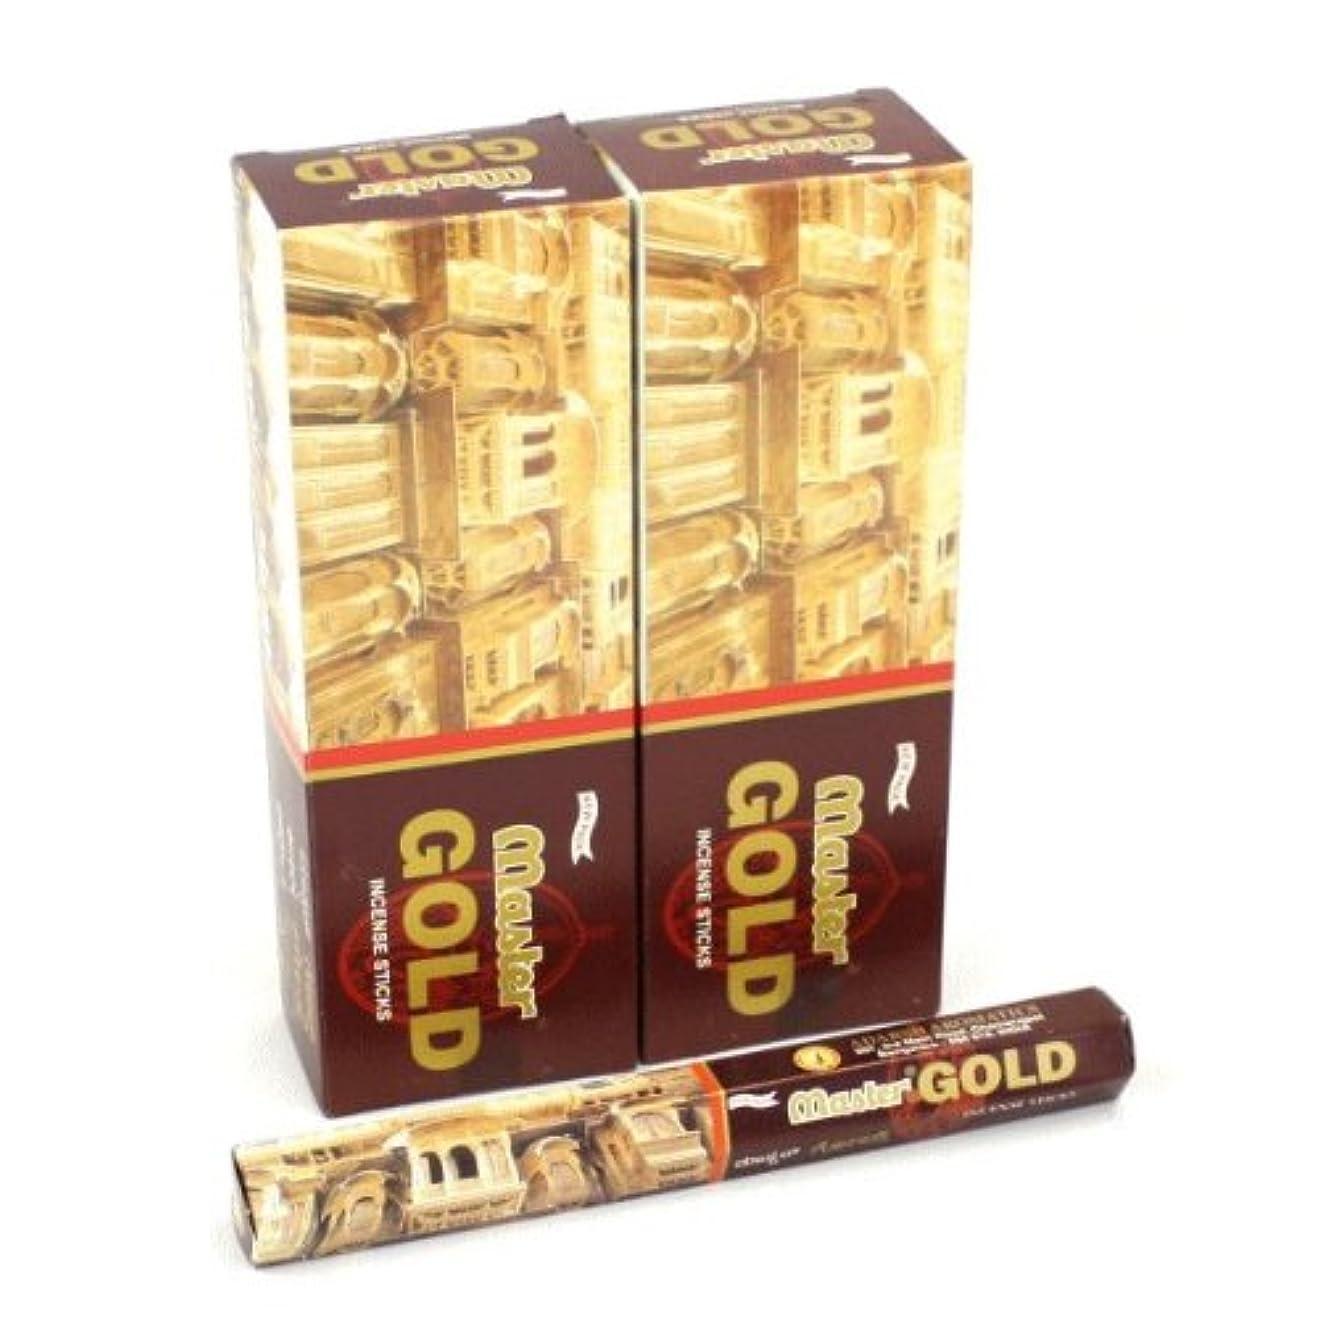 不合格影響を受けやすいです前奏曲ADARSH マスターゴールド香 スティック ヘキサパック(六角) 12箱セット MASTER GOLD